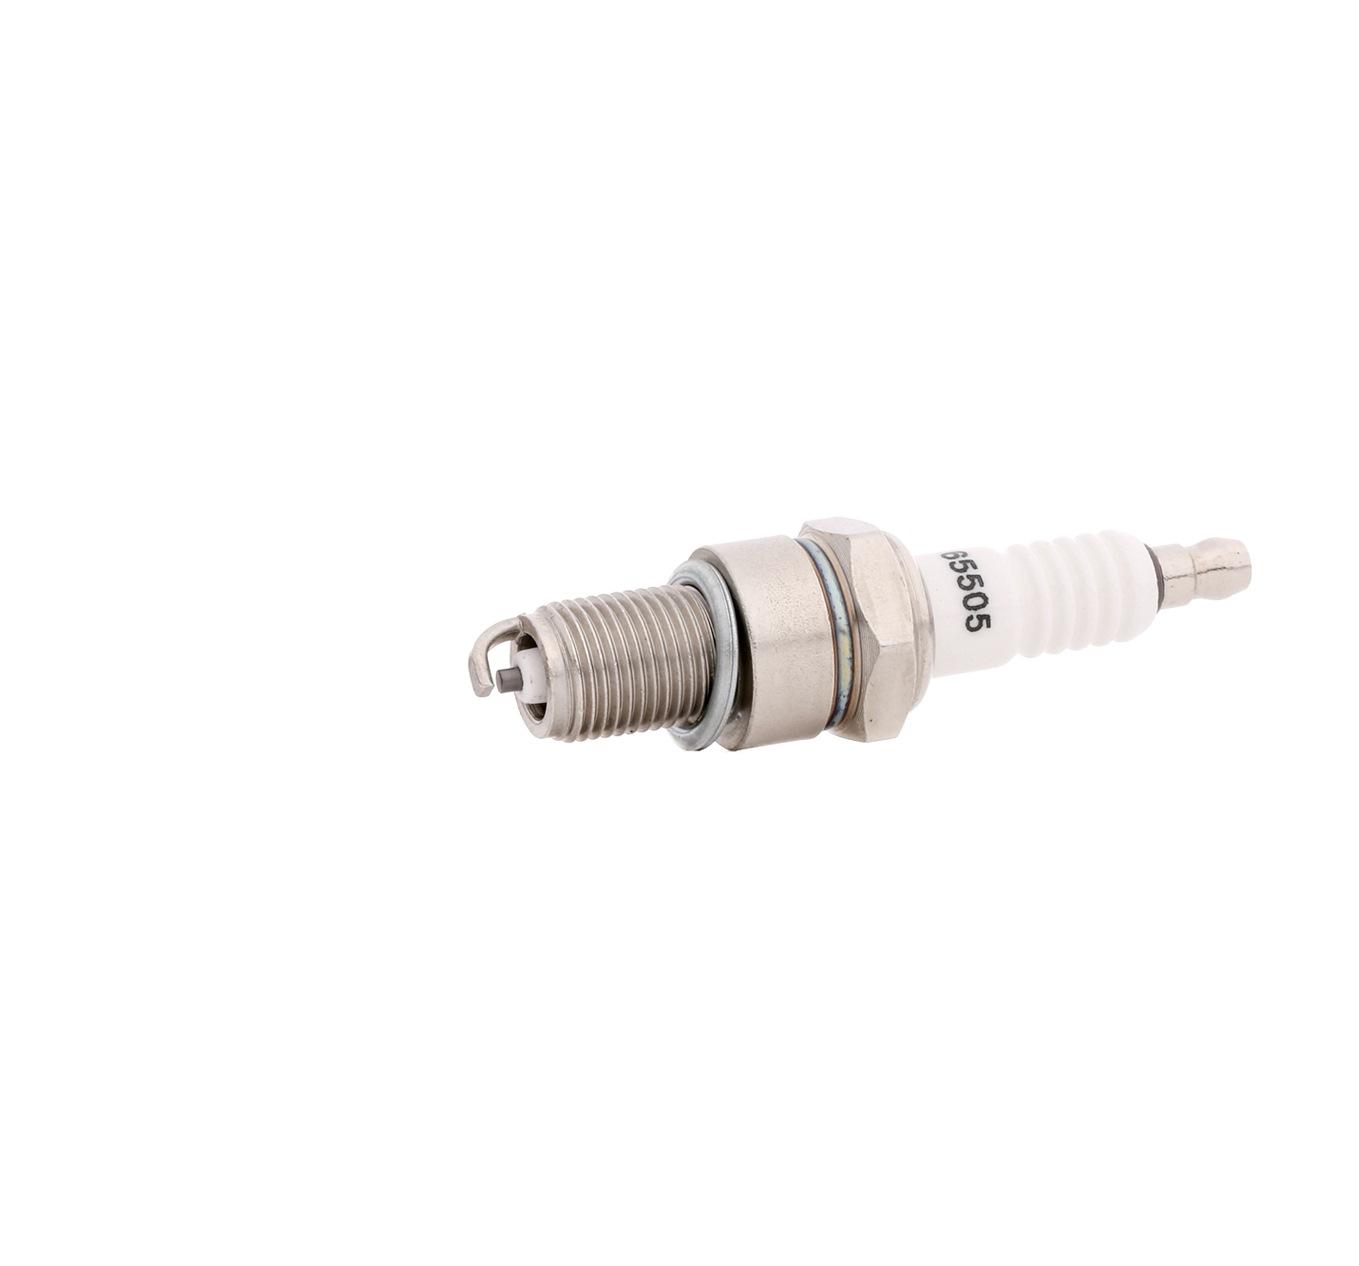 Achetez Bougie moteur STARK SKSP-1990069 (Écart. électr.: 0,8mm) à un rapport qualité-prix exceptionnel